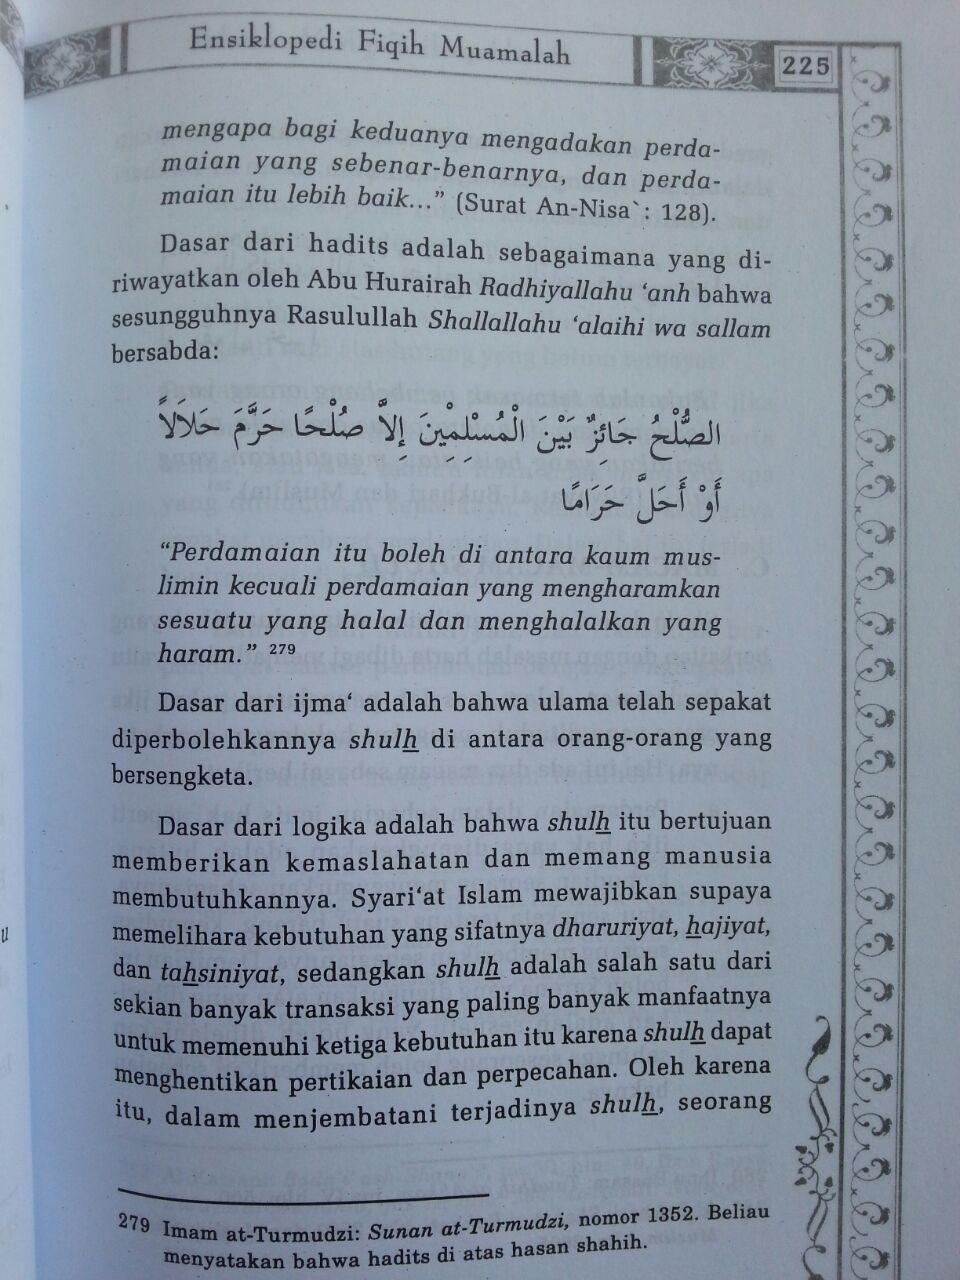 Buku Ensiklopedi Fiqih Muamalah Dalam Pandangan 4 Madzhab isi 3